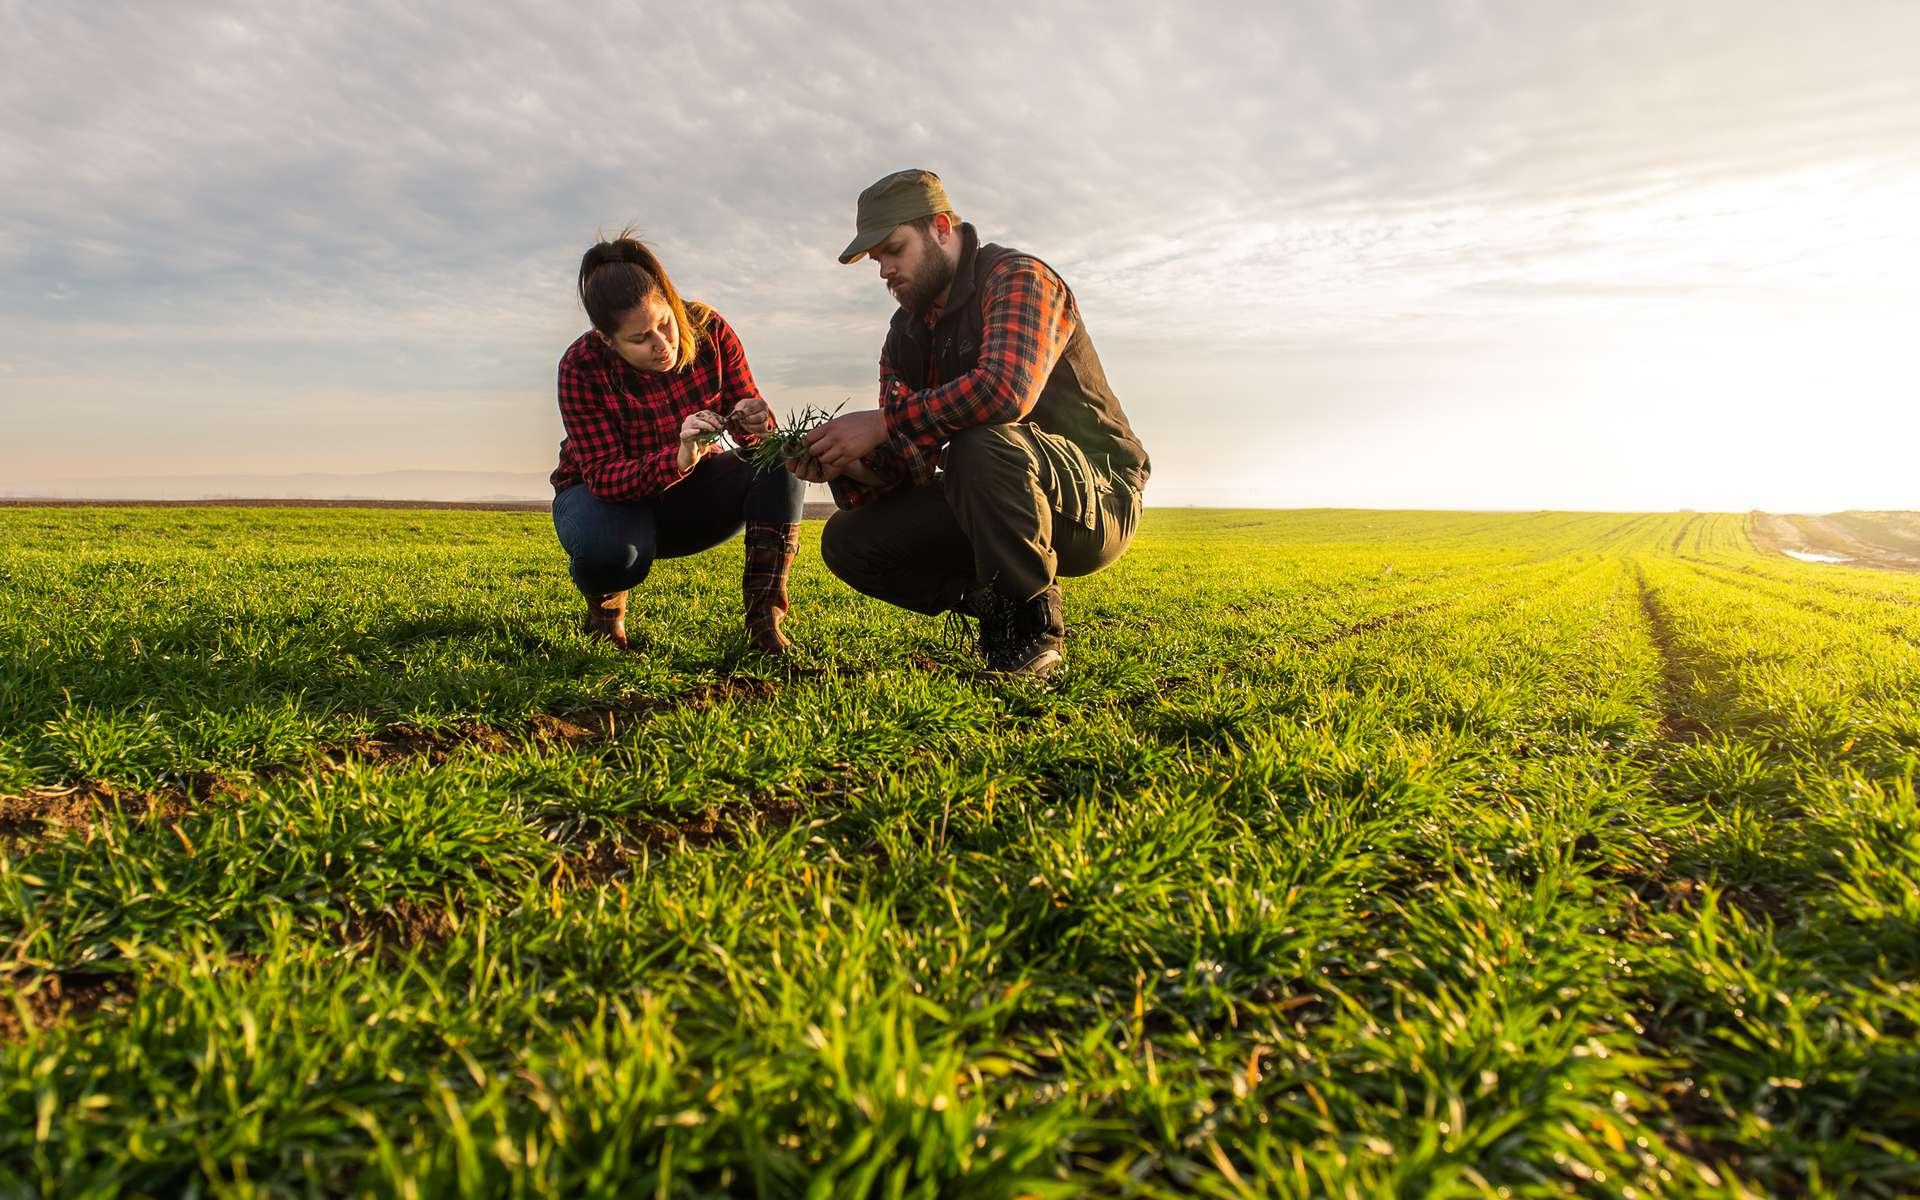 Les métiers de l'agriculture sont à découvrir entre le 2 et le 6 novembre. © Dusan Kostic, Adobe Stock